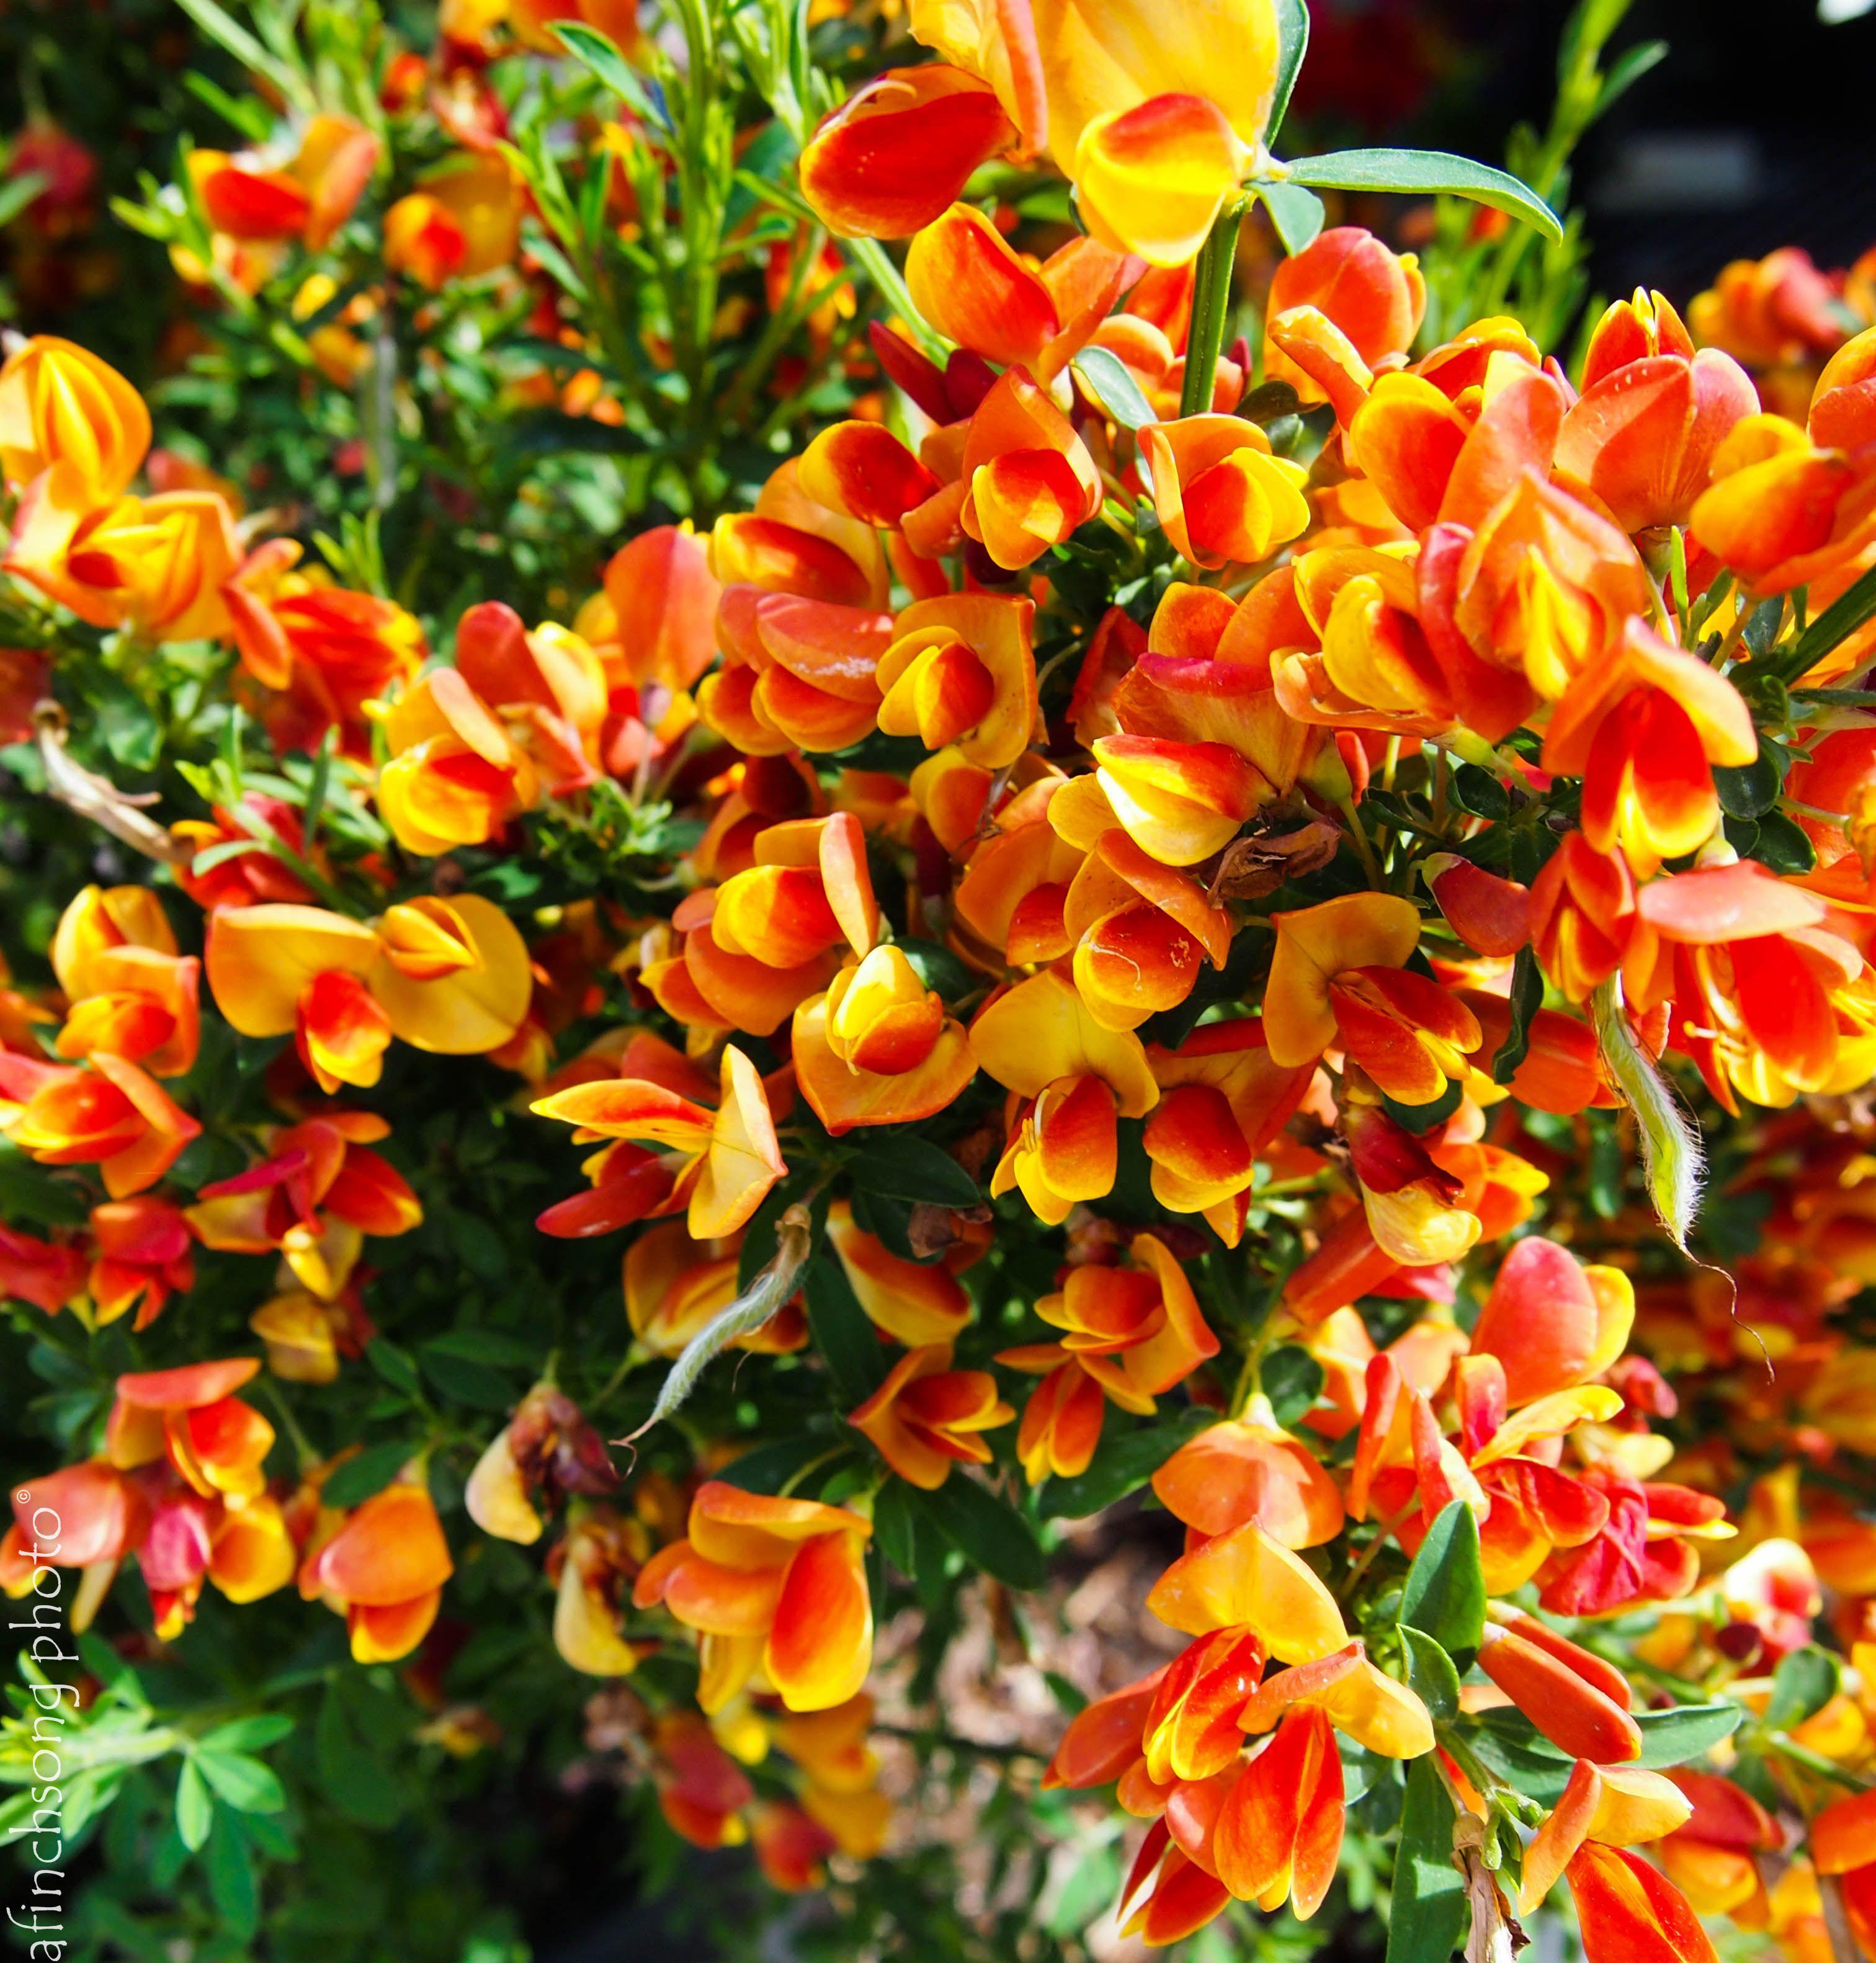 Cytisus scoparius Lena LENA SCOTCH BROOM deciduous flowering